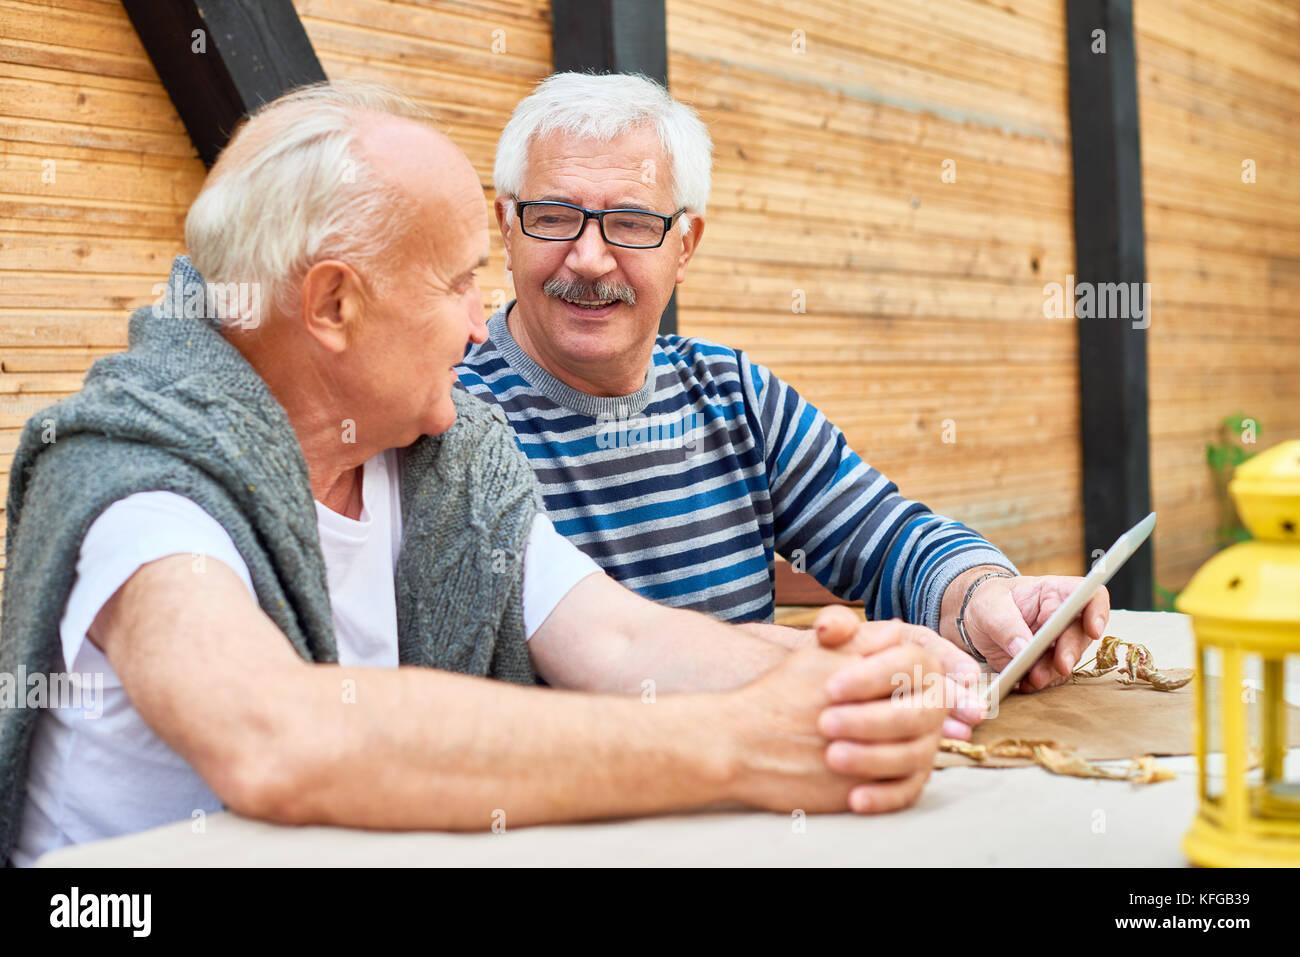 Migliori amici a outdoor cafe Immagini Stock